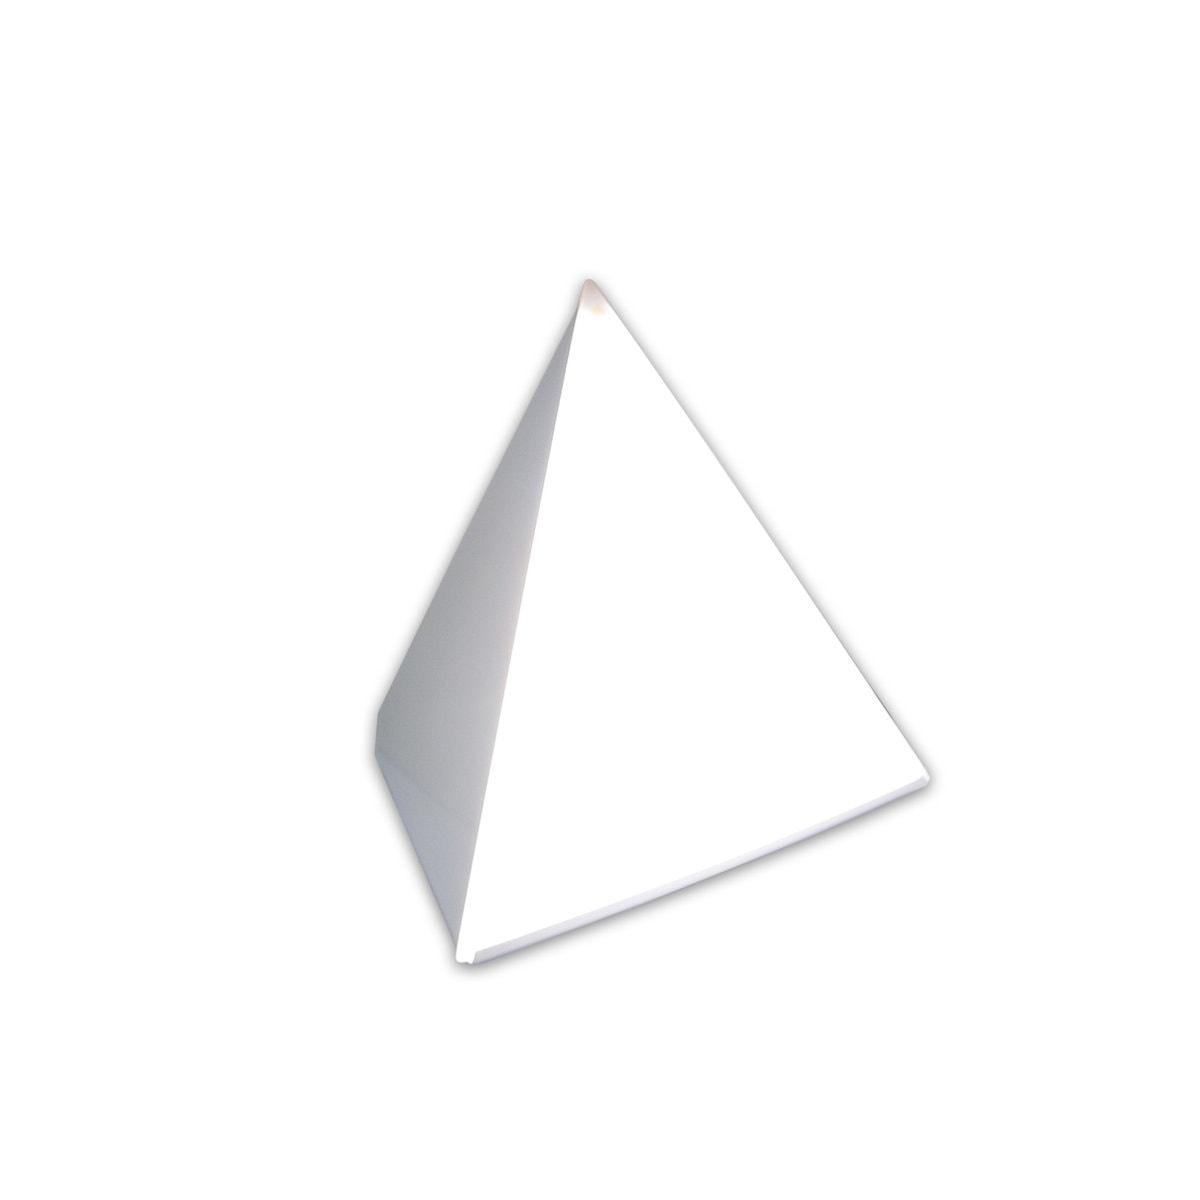 Mini LUXOR image